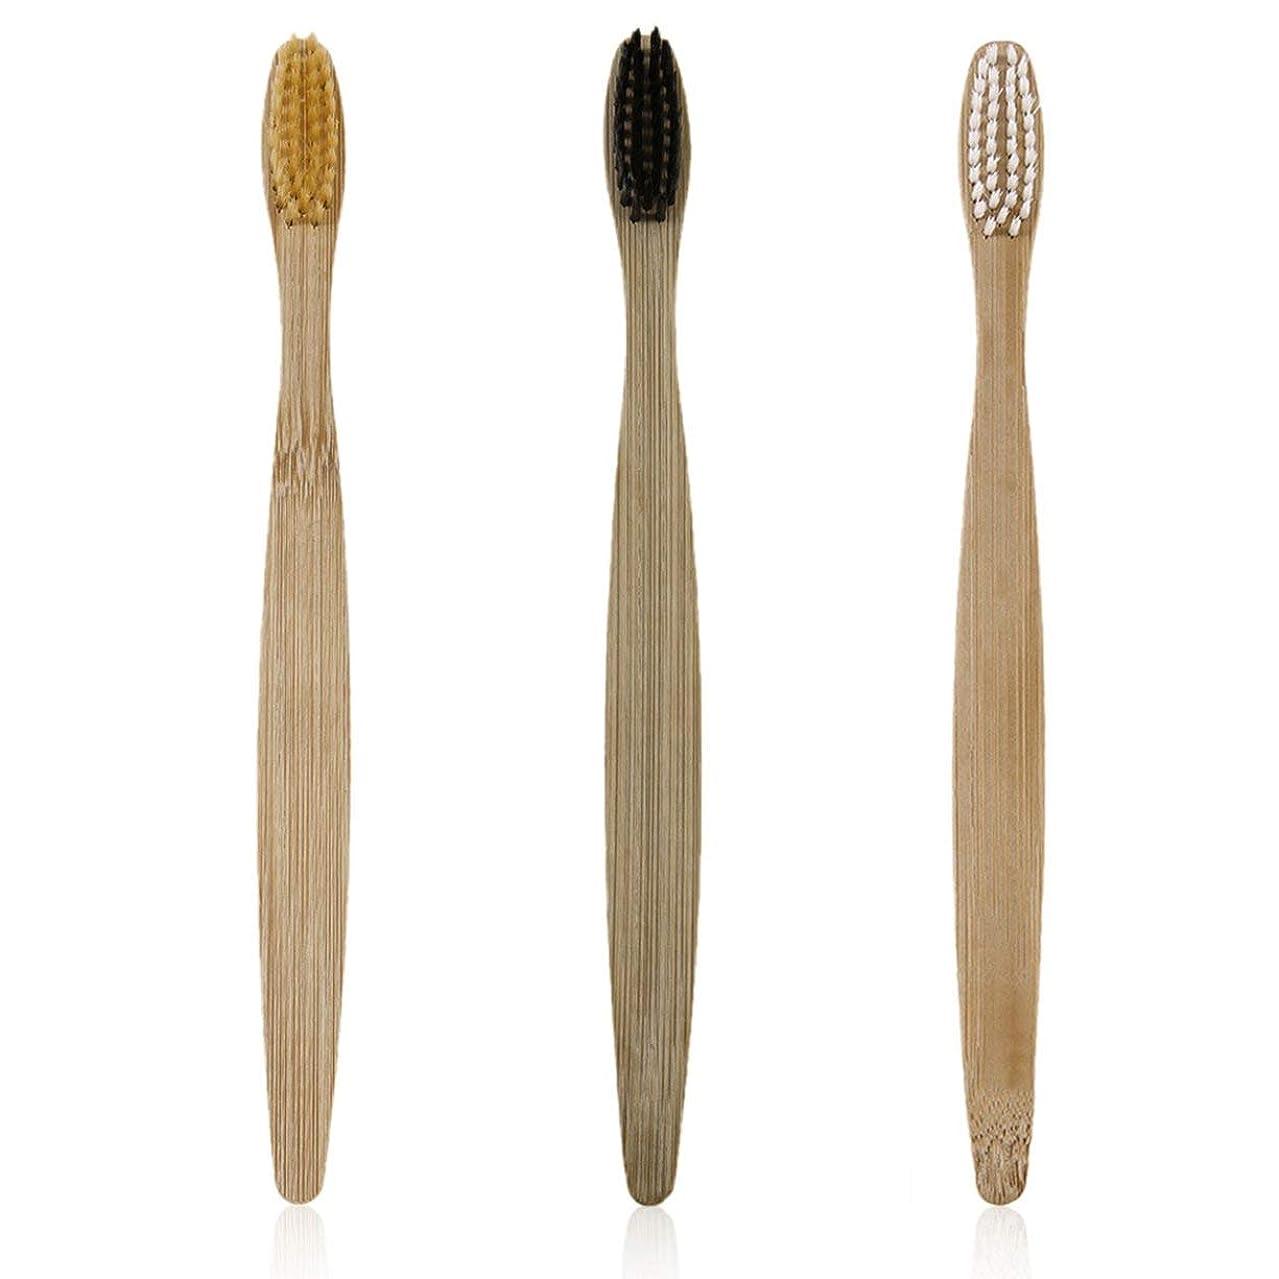 ラベル九時四十五分折る3本/セット環境に優しい木製の歯ブラシ竹の歯ブラシ柔らかい竹繊維の木製のハンドル低炭素環境に優しい - ブラック/ホワイト/イエロー